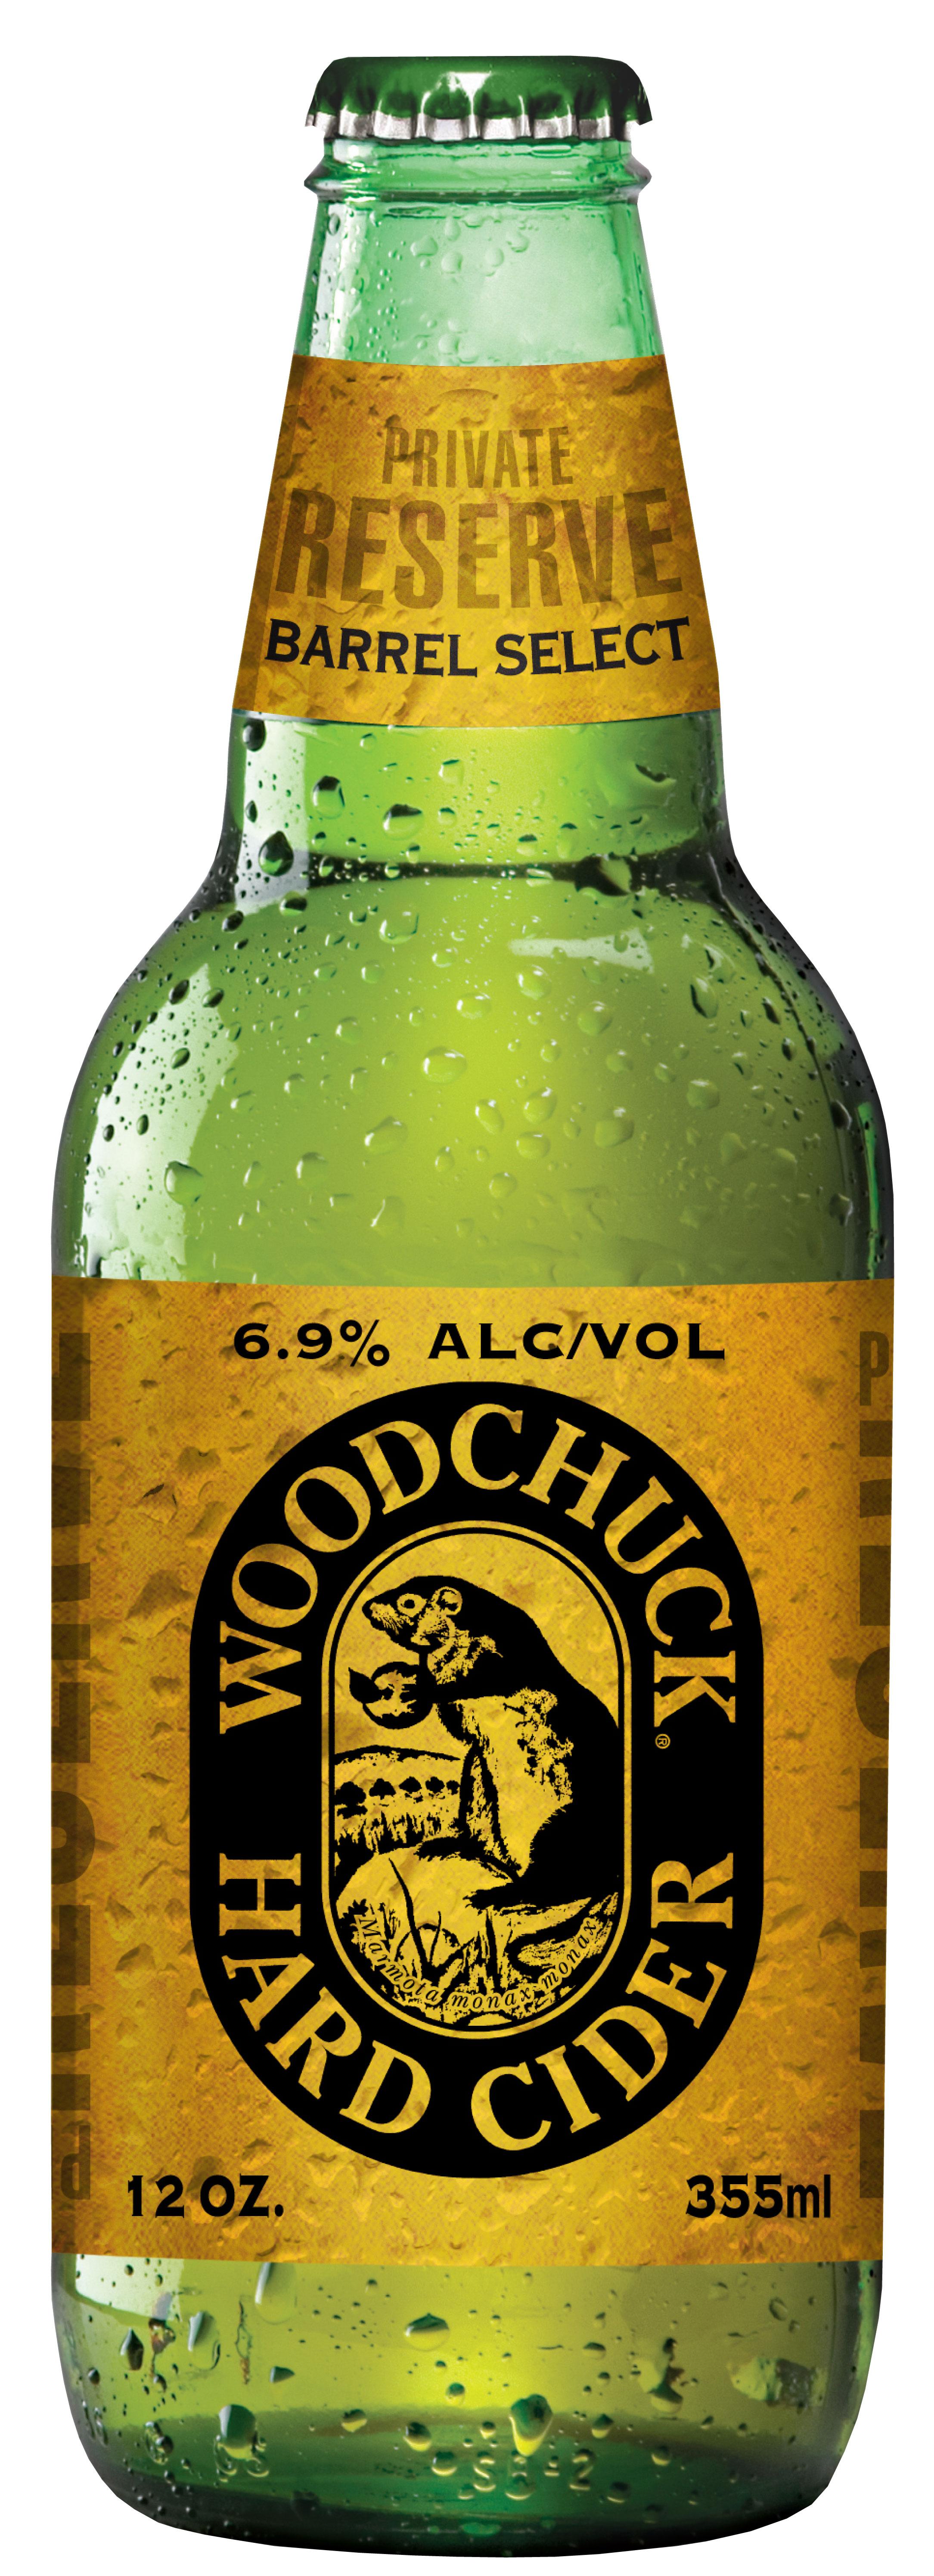 Woodchuck cider